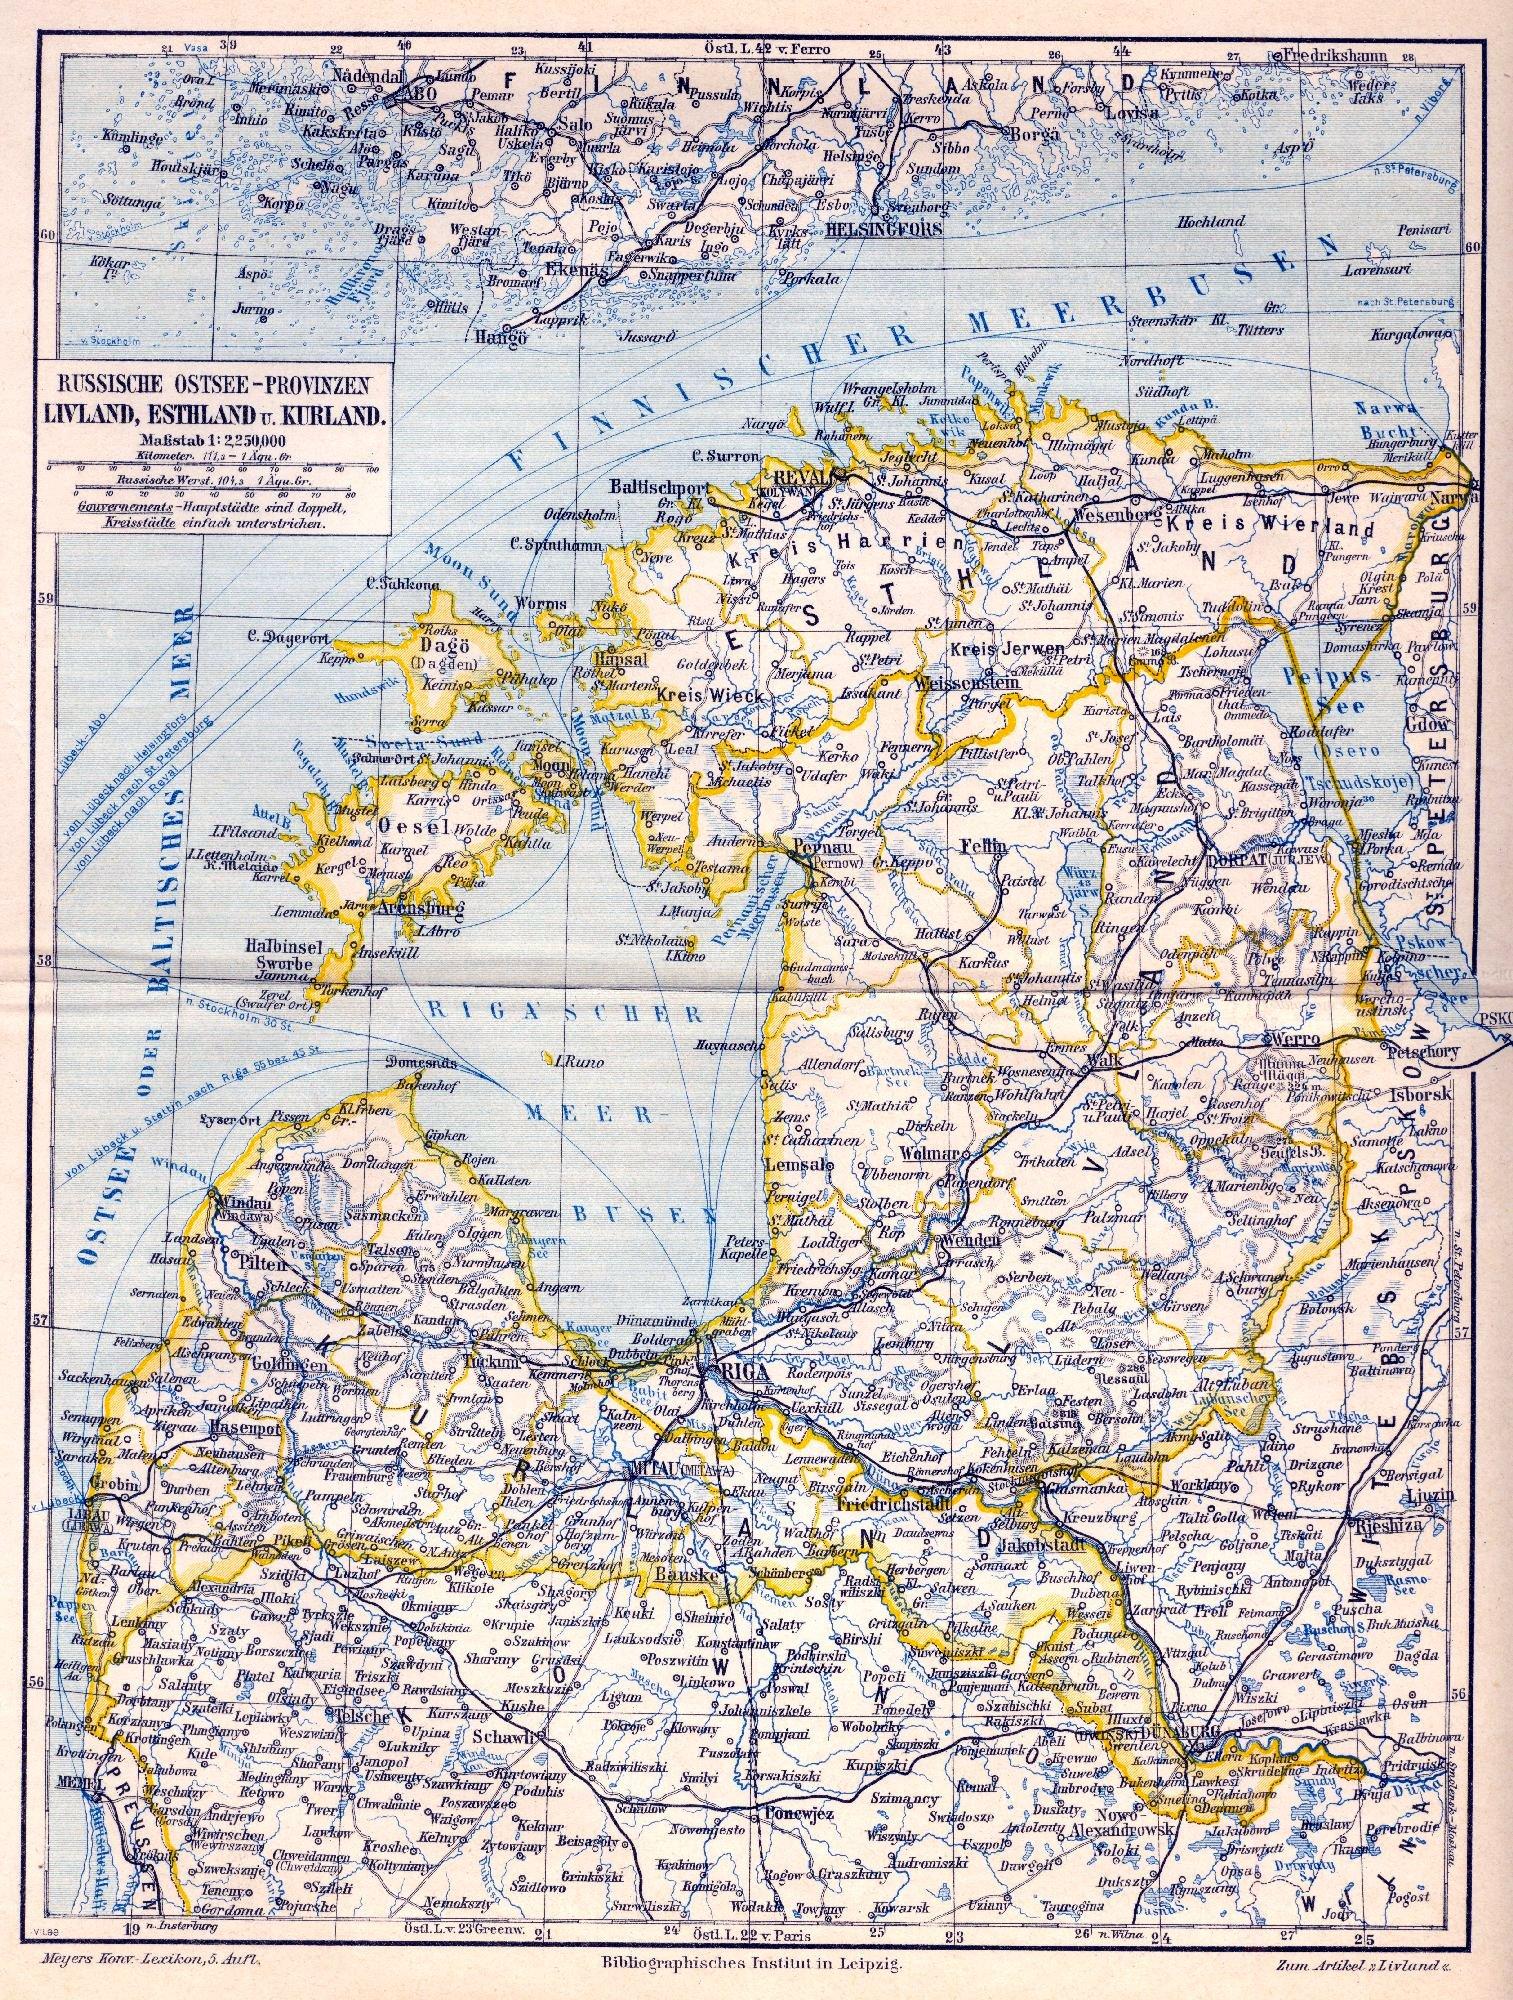 Karte der Russischen Ostseeprovinzen